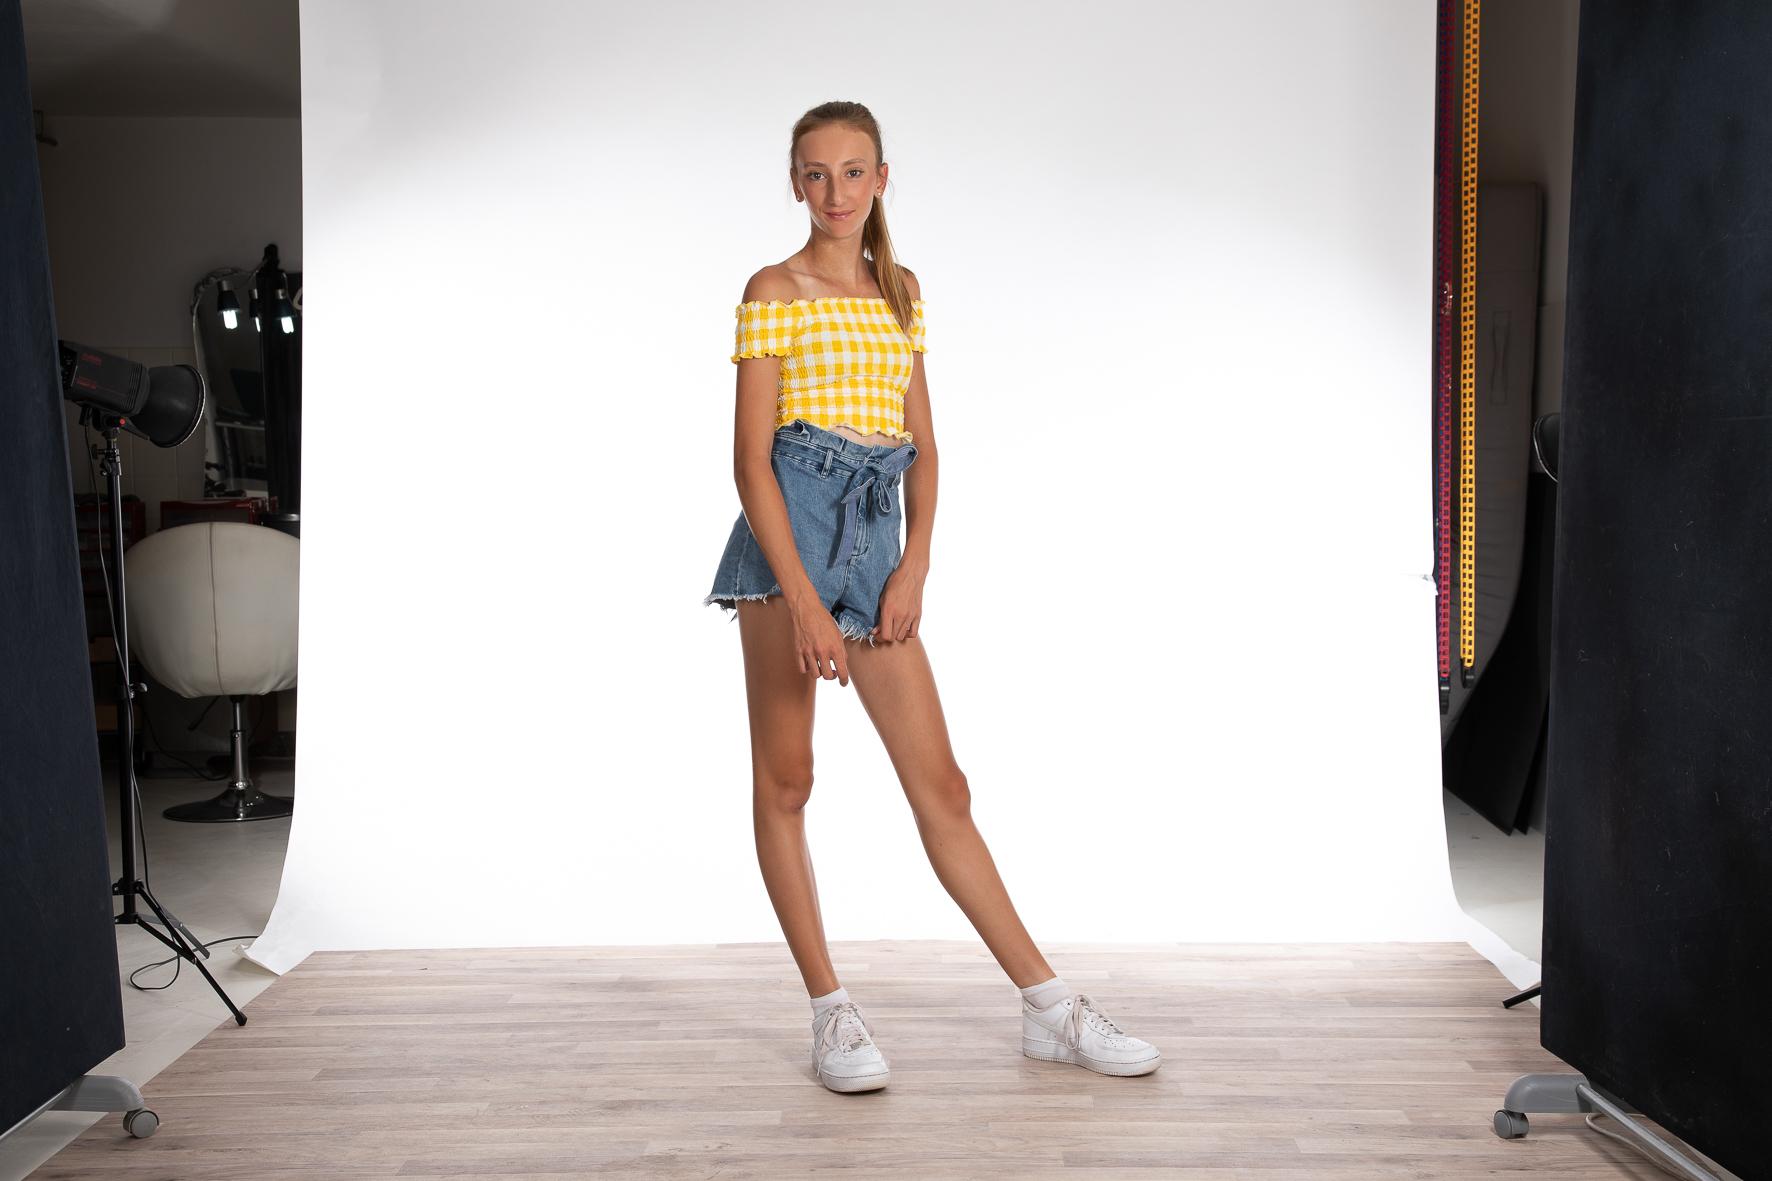 Lilien Model und Darstellerin Agentur Stageperform